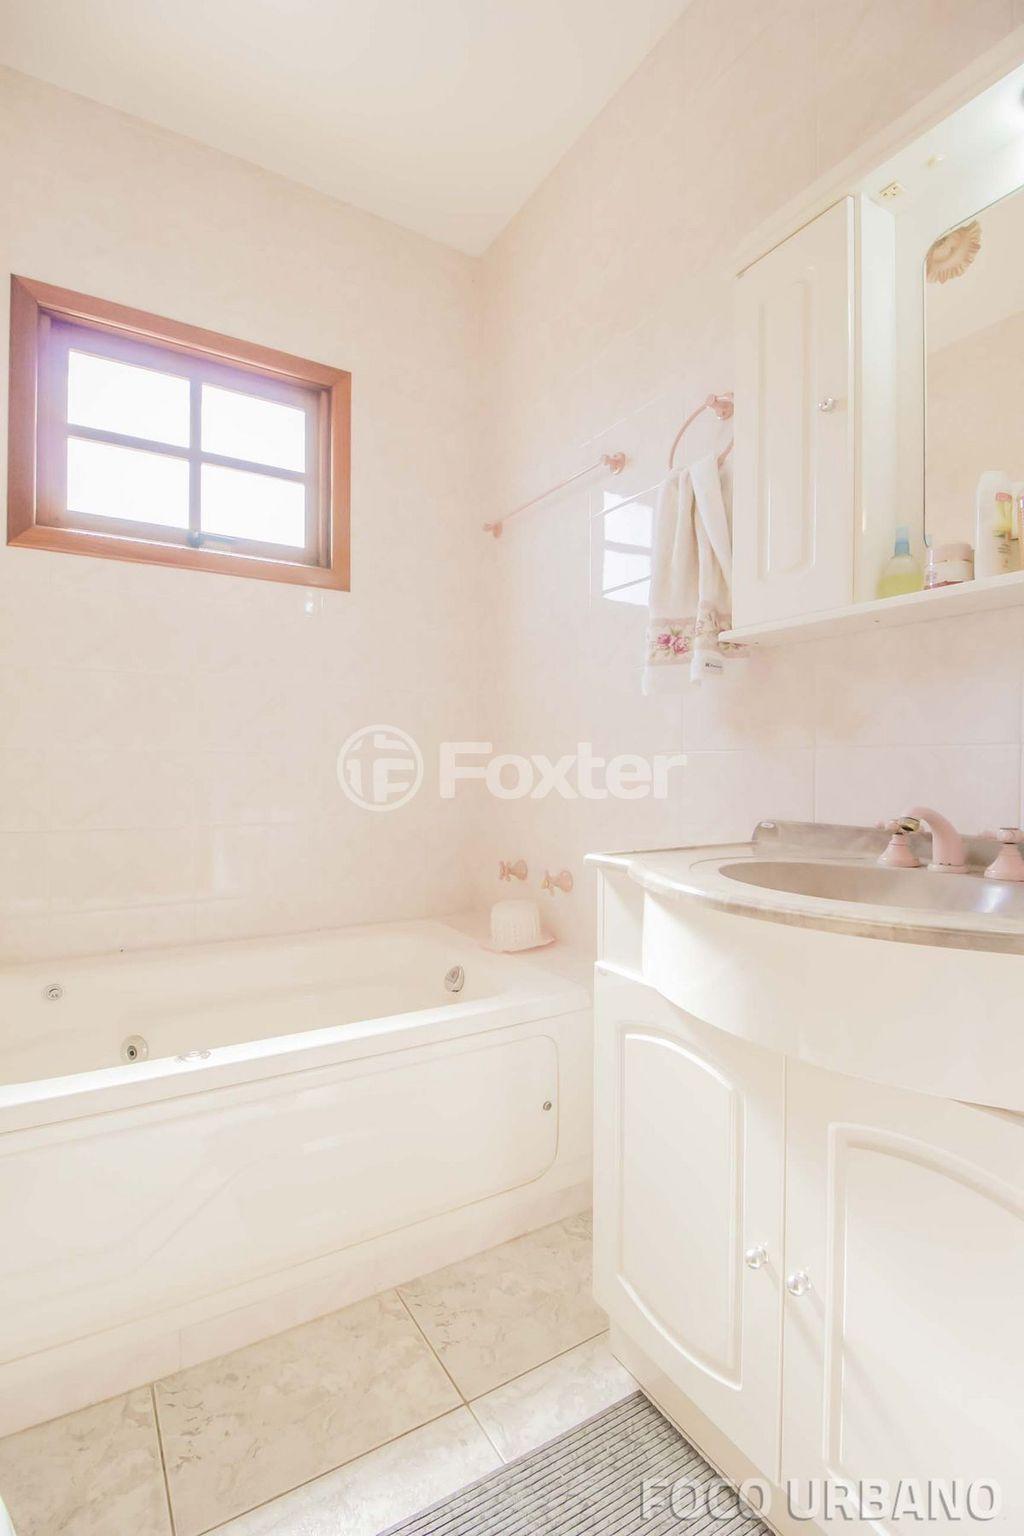 Foxter Imobiliária - Casa 3 Dorm, Tristeza - Foto 28